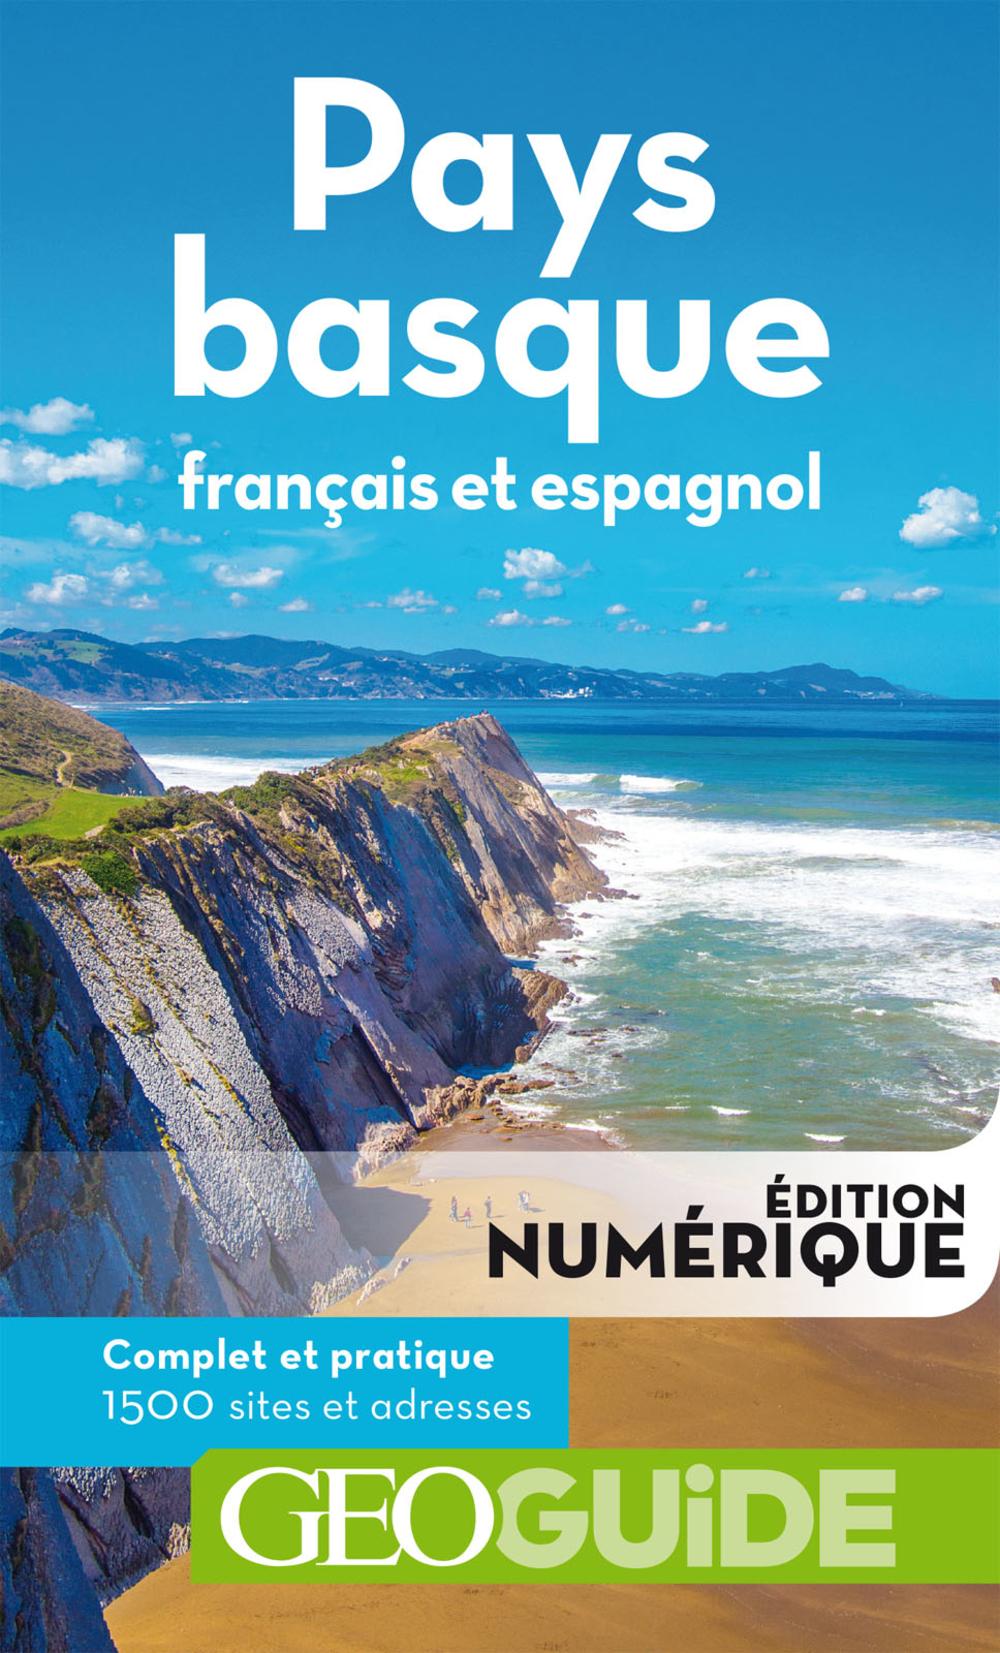 GEOguide Pays basque (français et espagnol) |